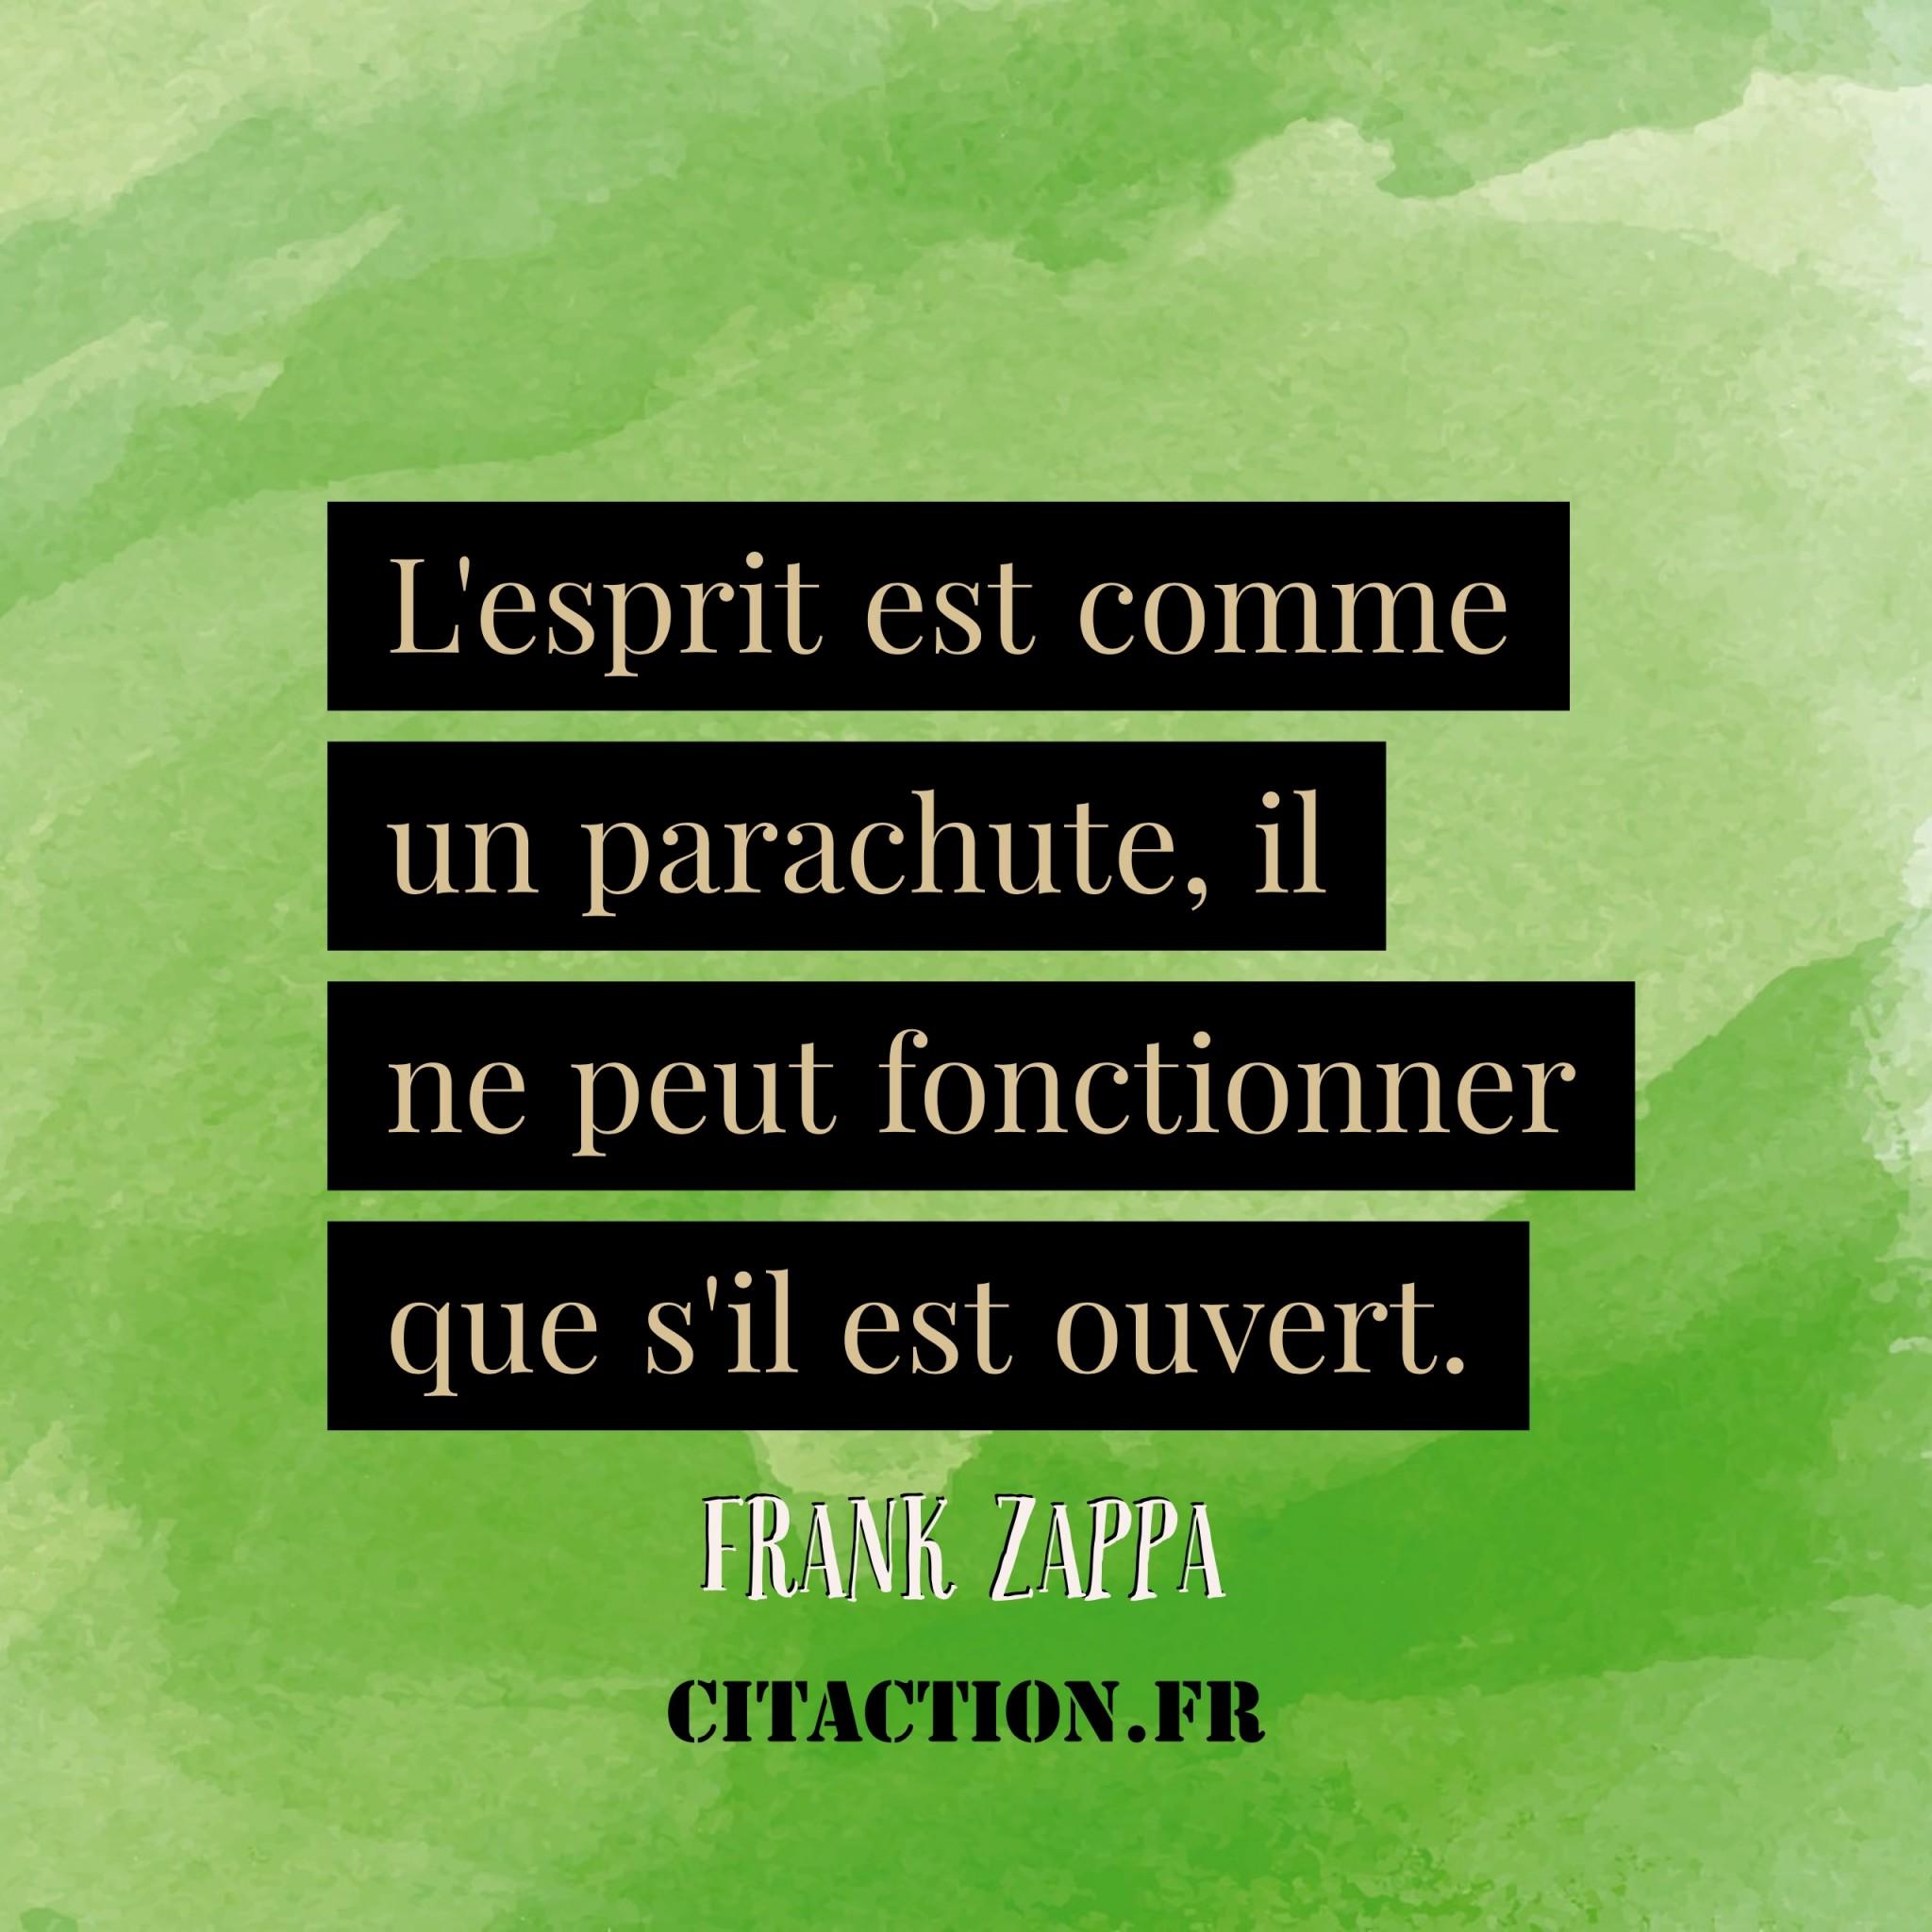 l'esprit est comme un parachute